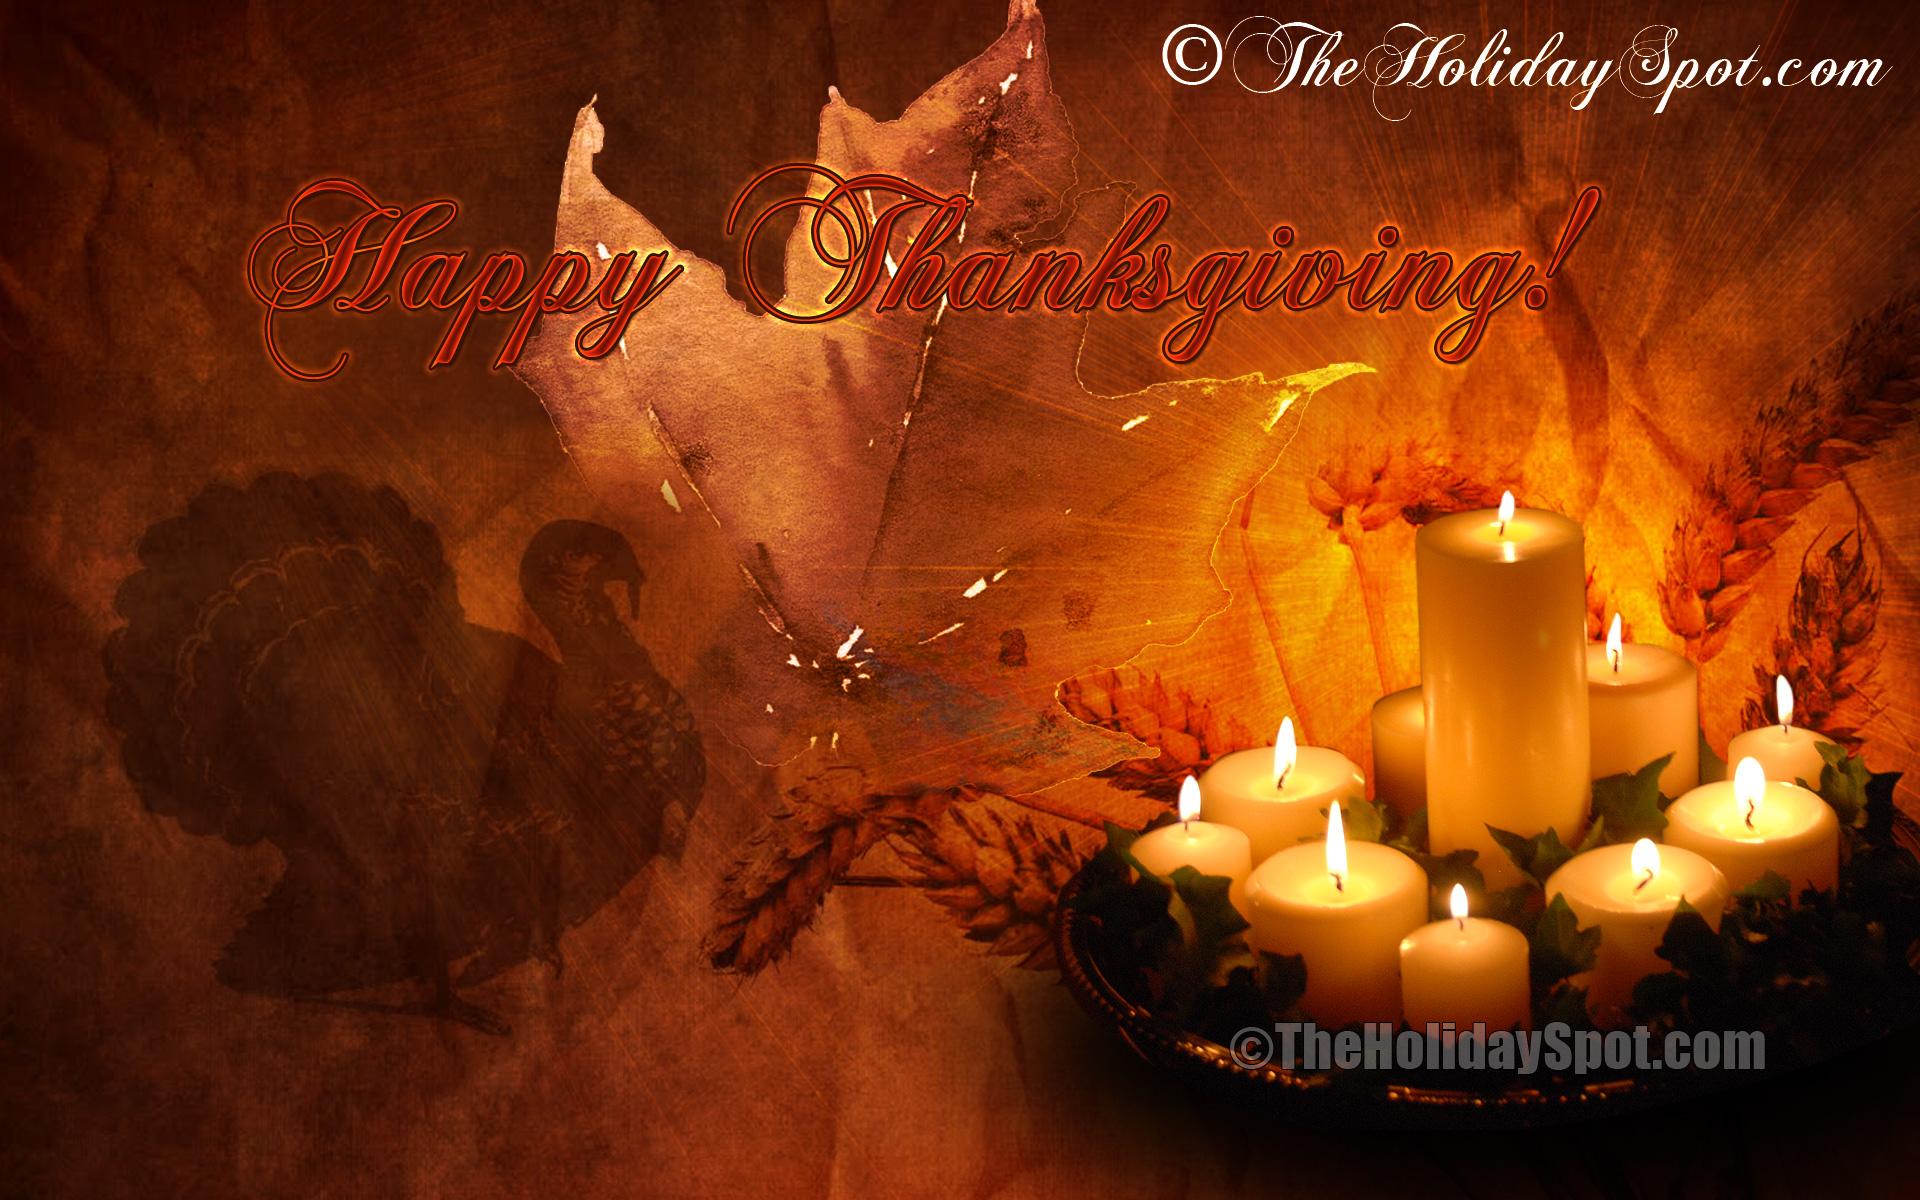 wallpaper cute thanksgiving backgrounds desktop 1920x1200 1920x1200